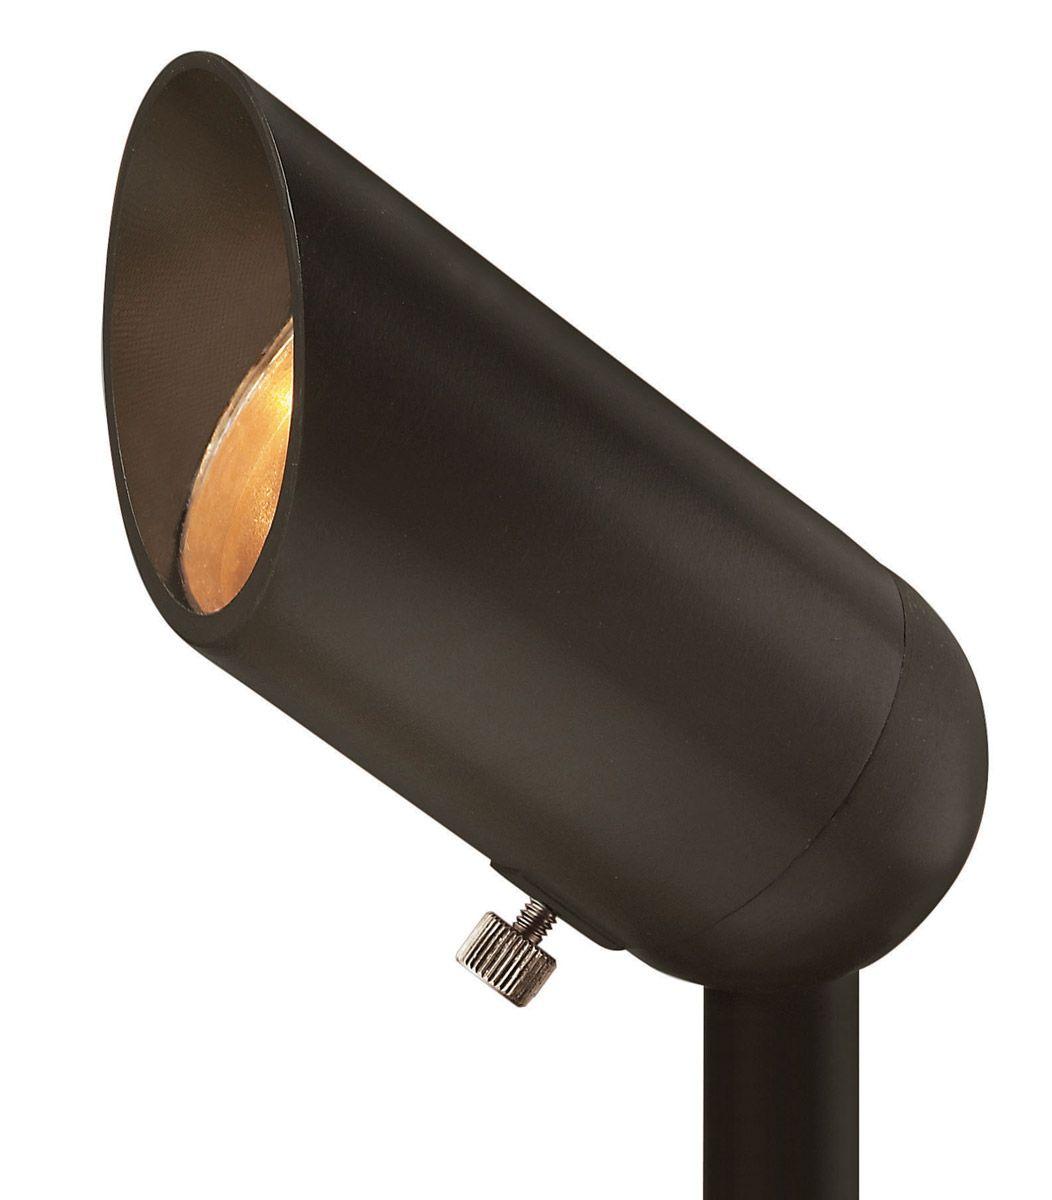 Landscape Lighting Online: Hinkley 1-Light Outdoor Landscape Accent MR16 Spot In